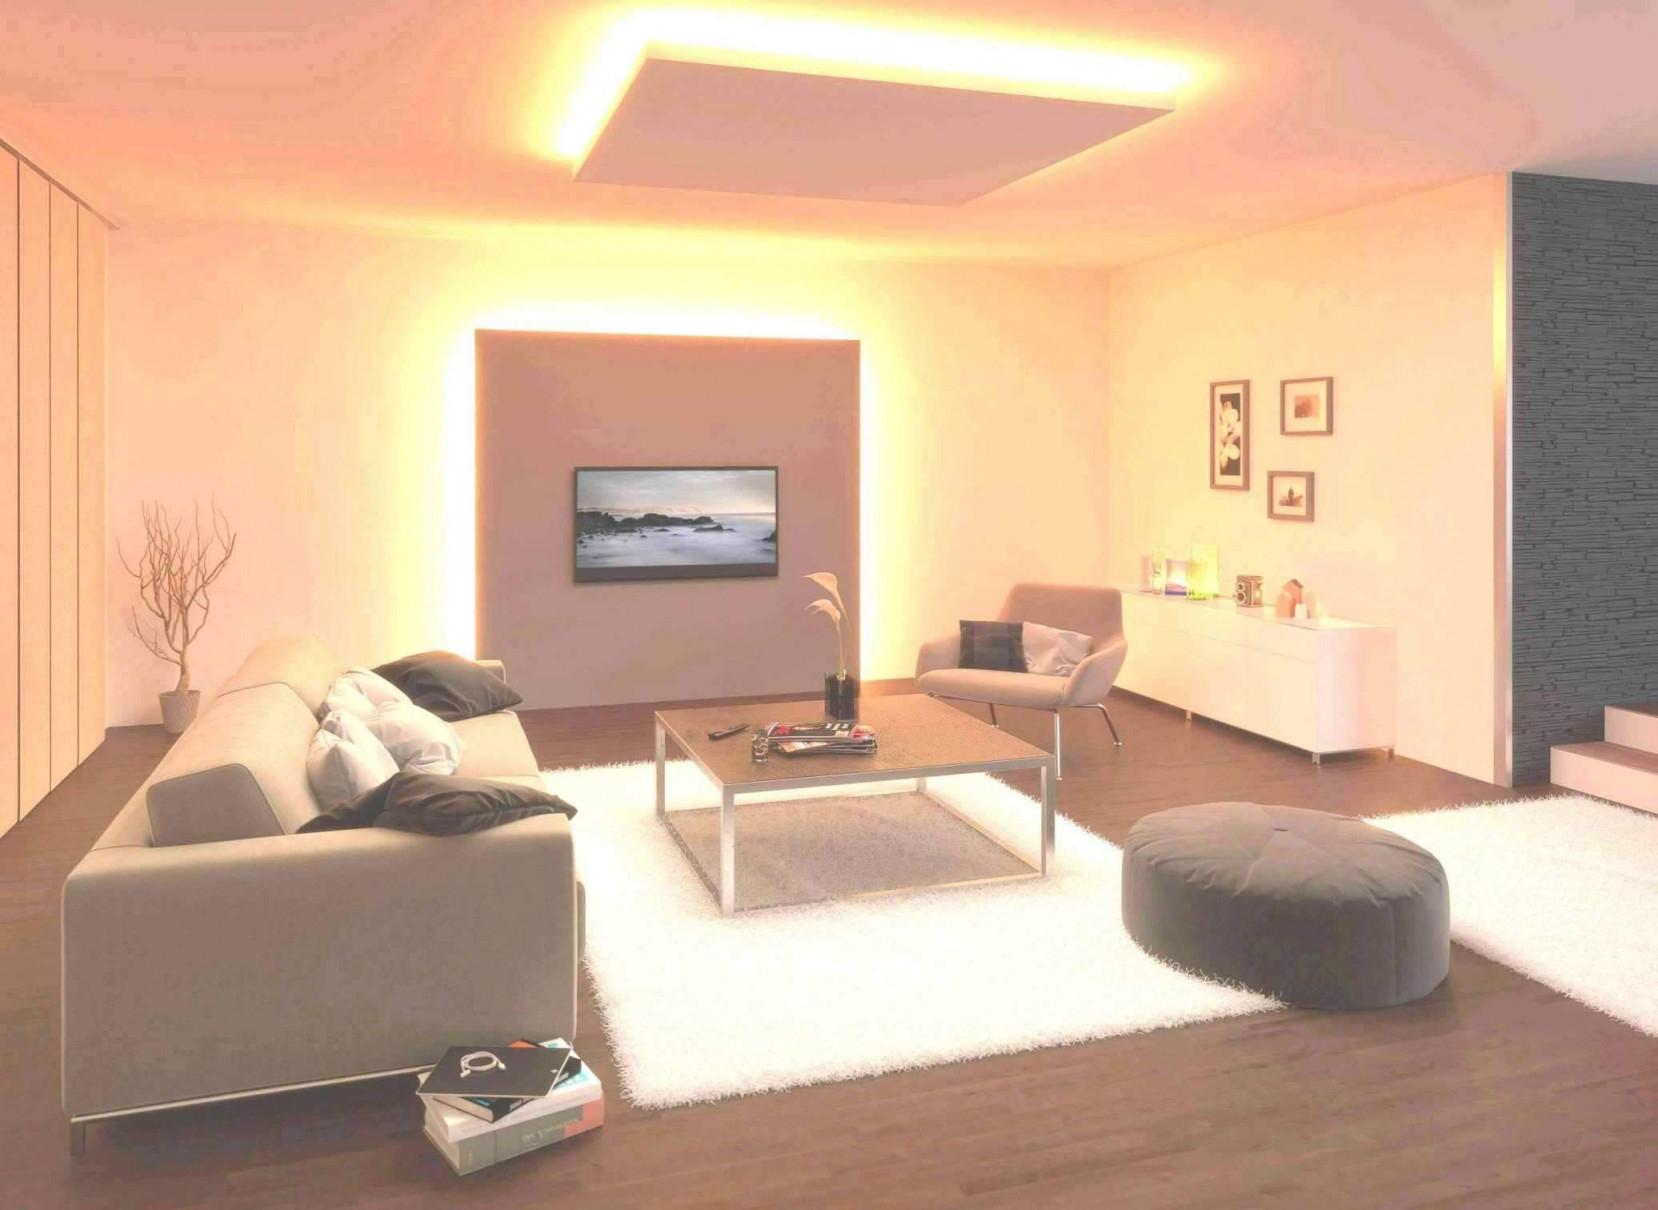 Wohnzimmer Licht Dimmbar – Caseconrad von Deckenleuchte Dimmbar Wohnzimmer Bild